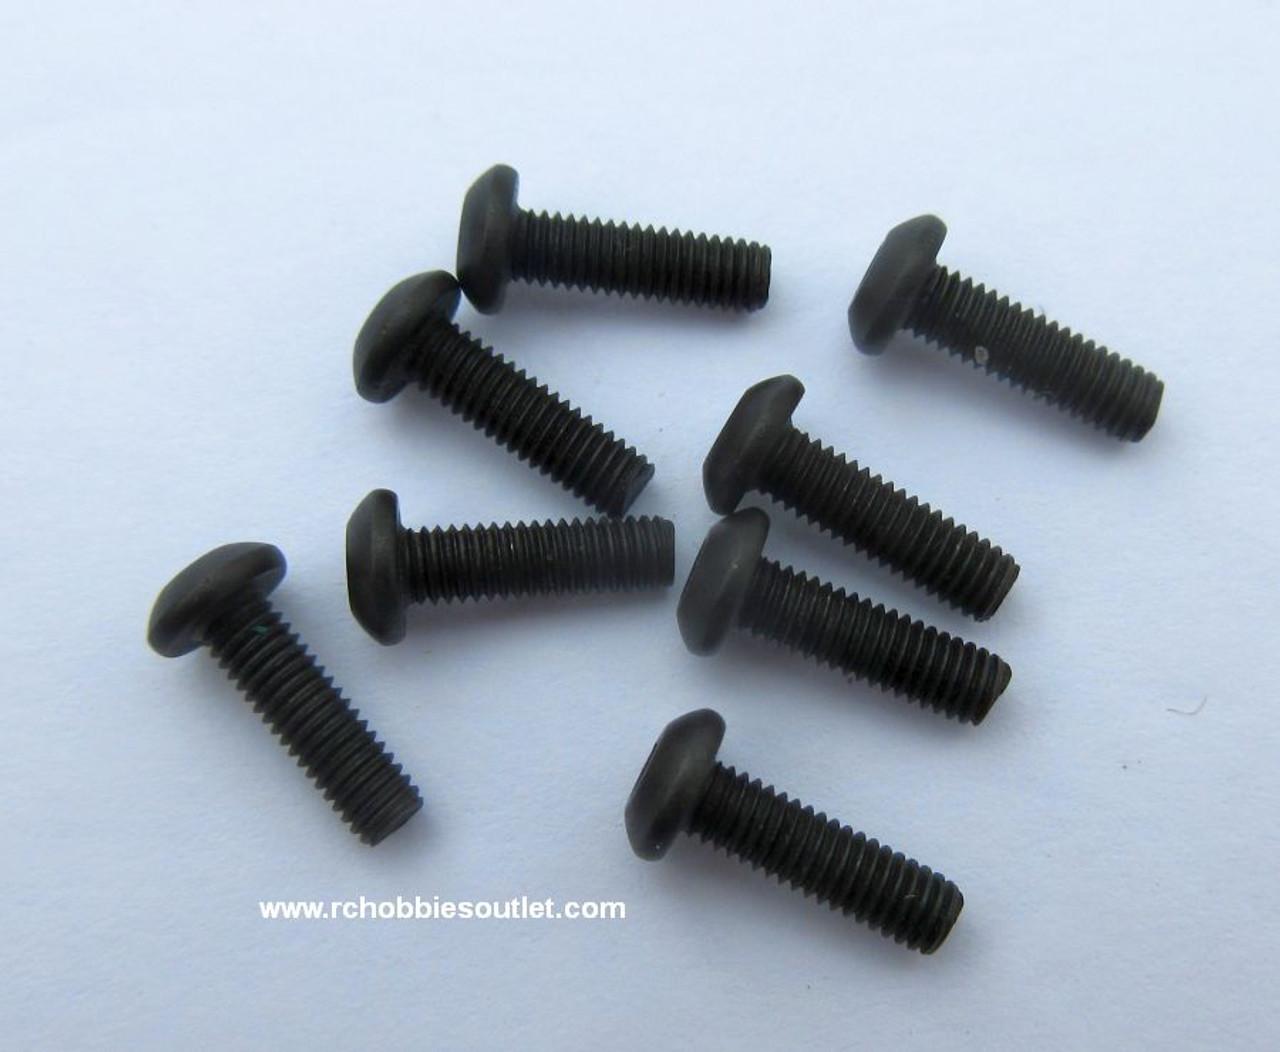 50100 Cap Head  Hex Machine Screws 3*10 mm  8 Pieces